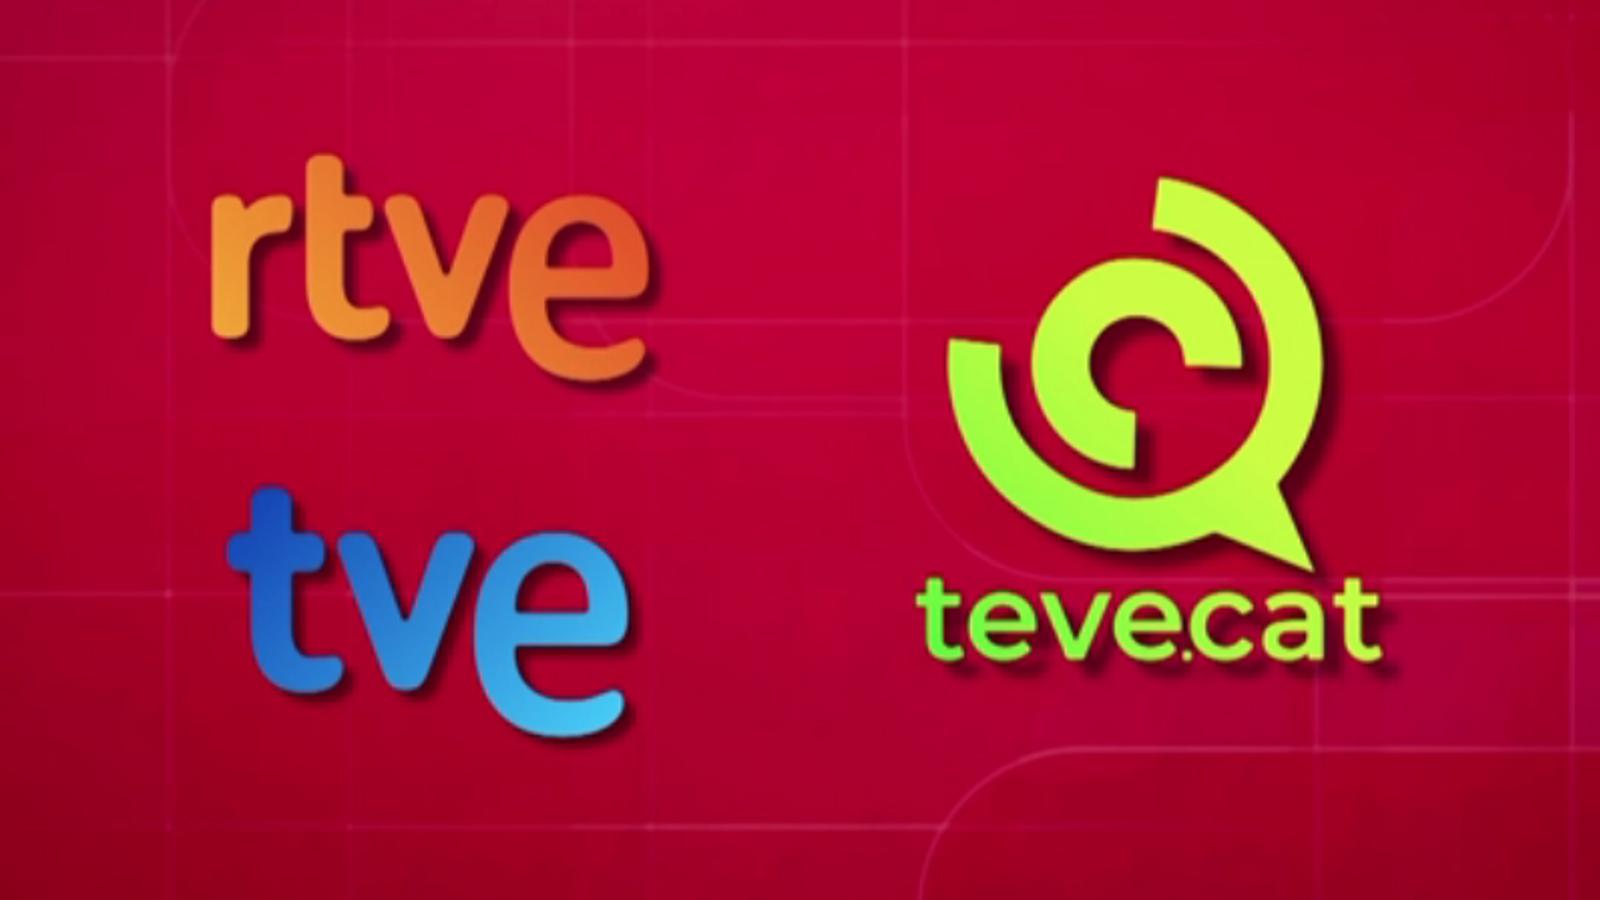 RTVE ha reclamat que Teve.cat modifiqui el seu nom i la seva imatge gràfica